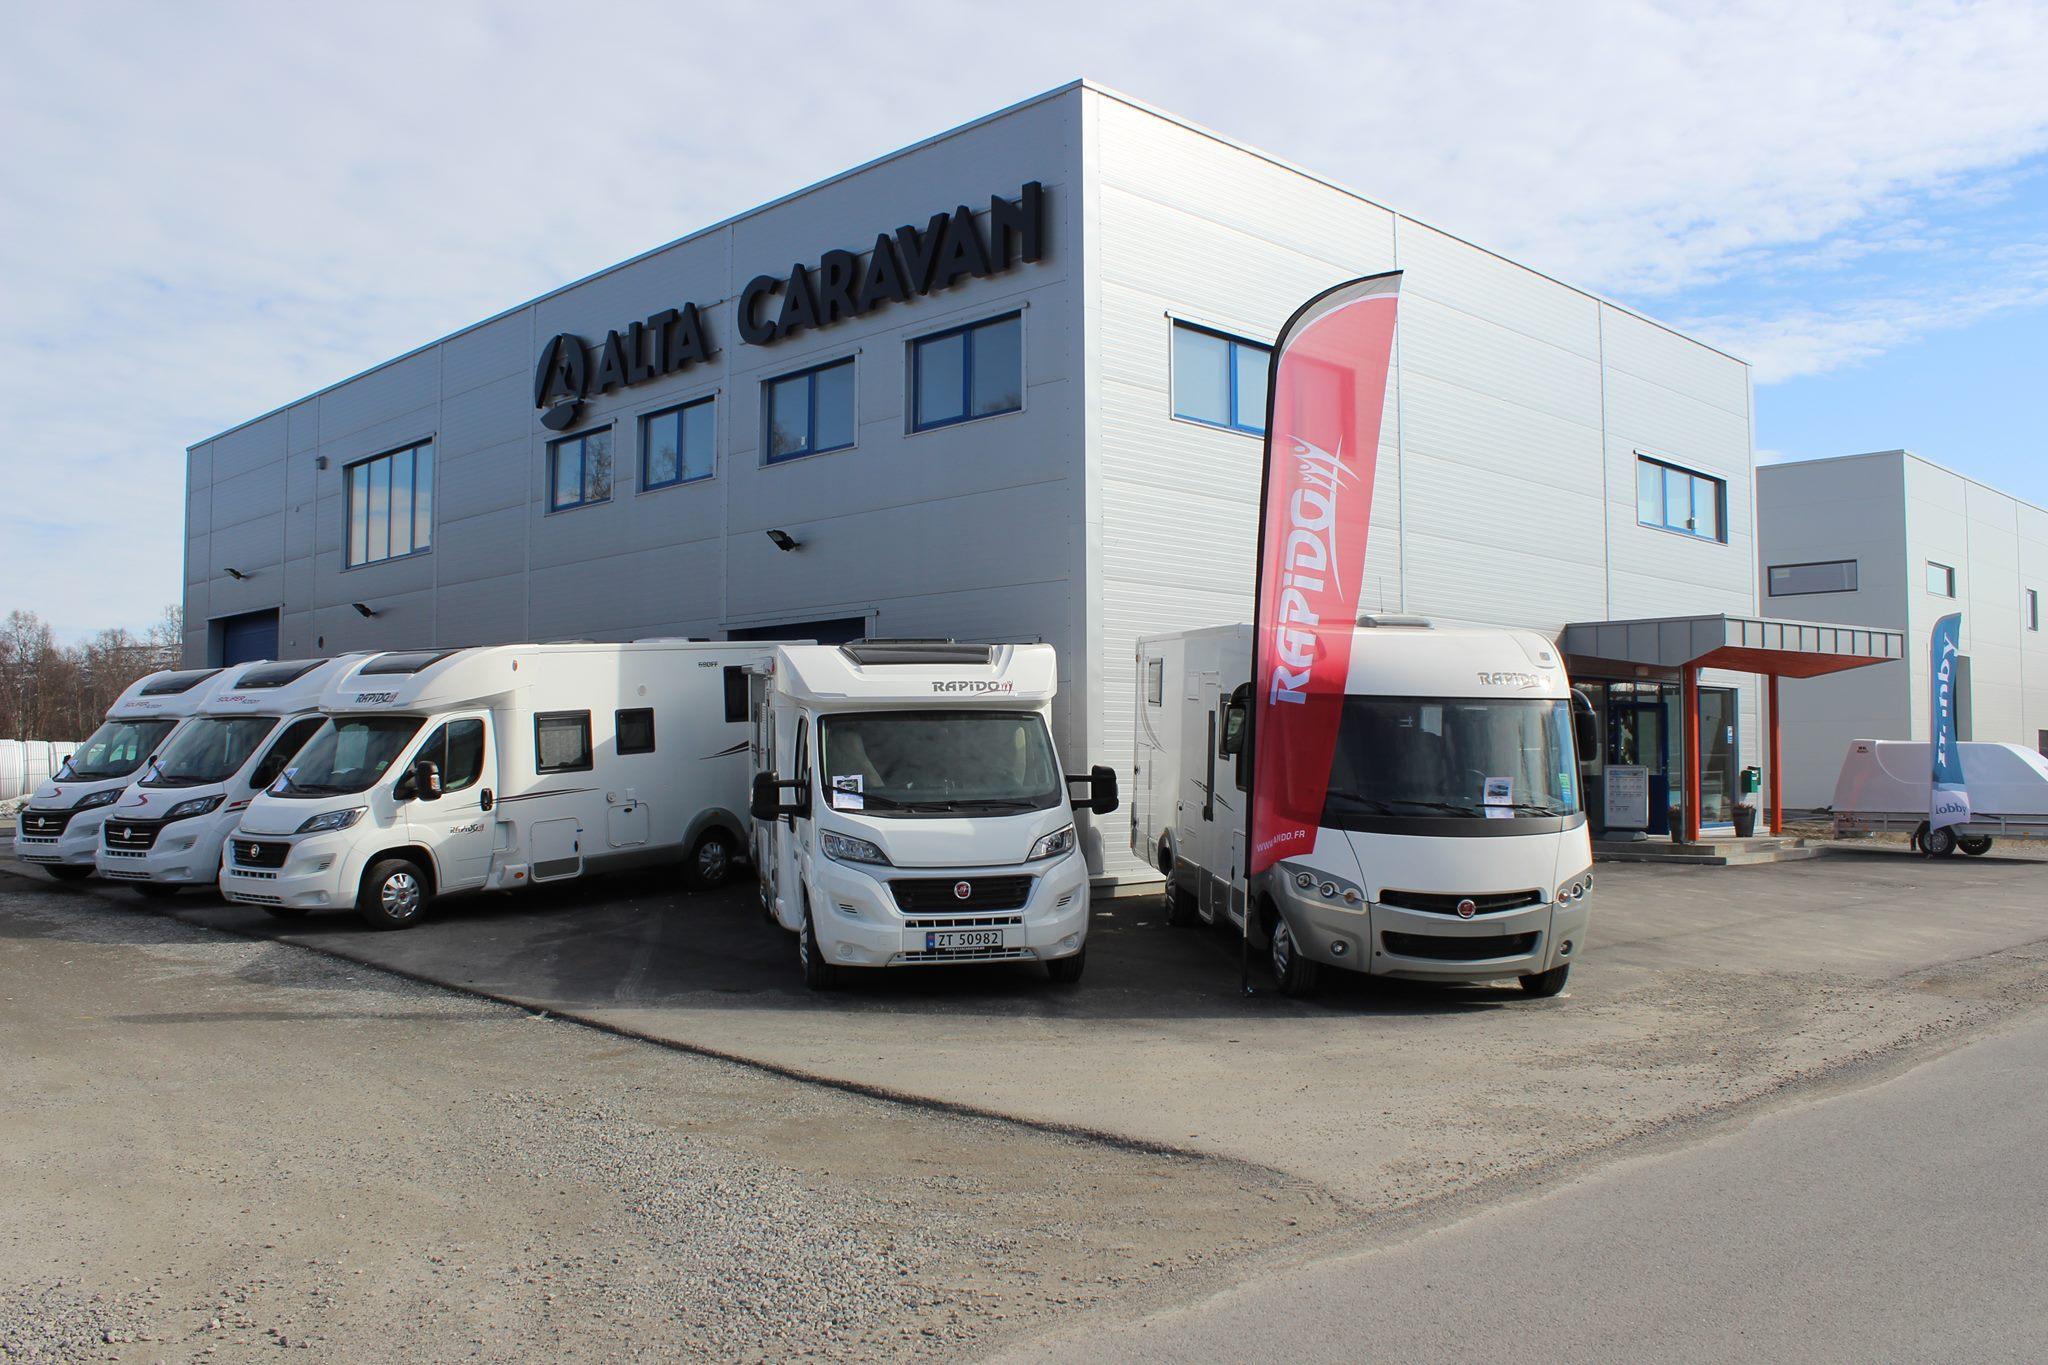 Alta Caravan